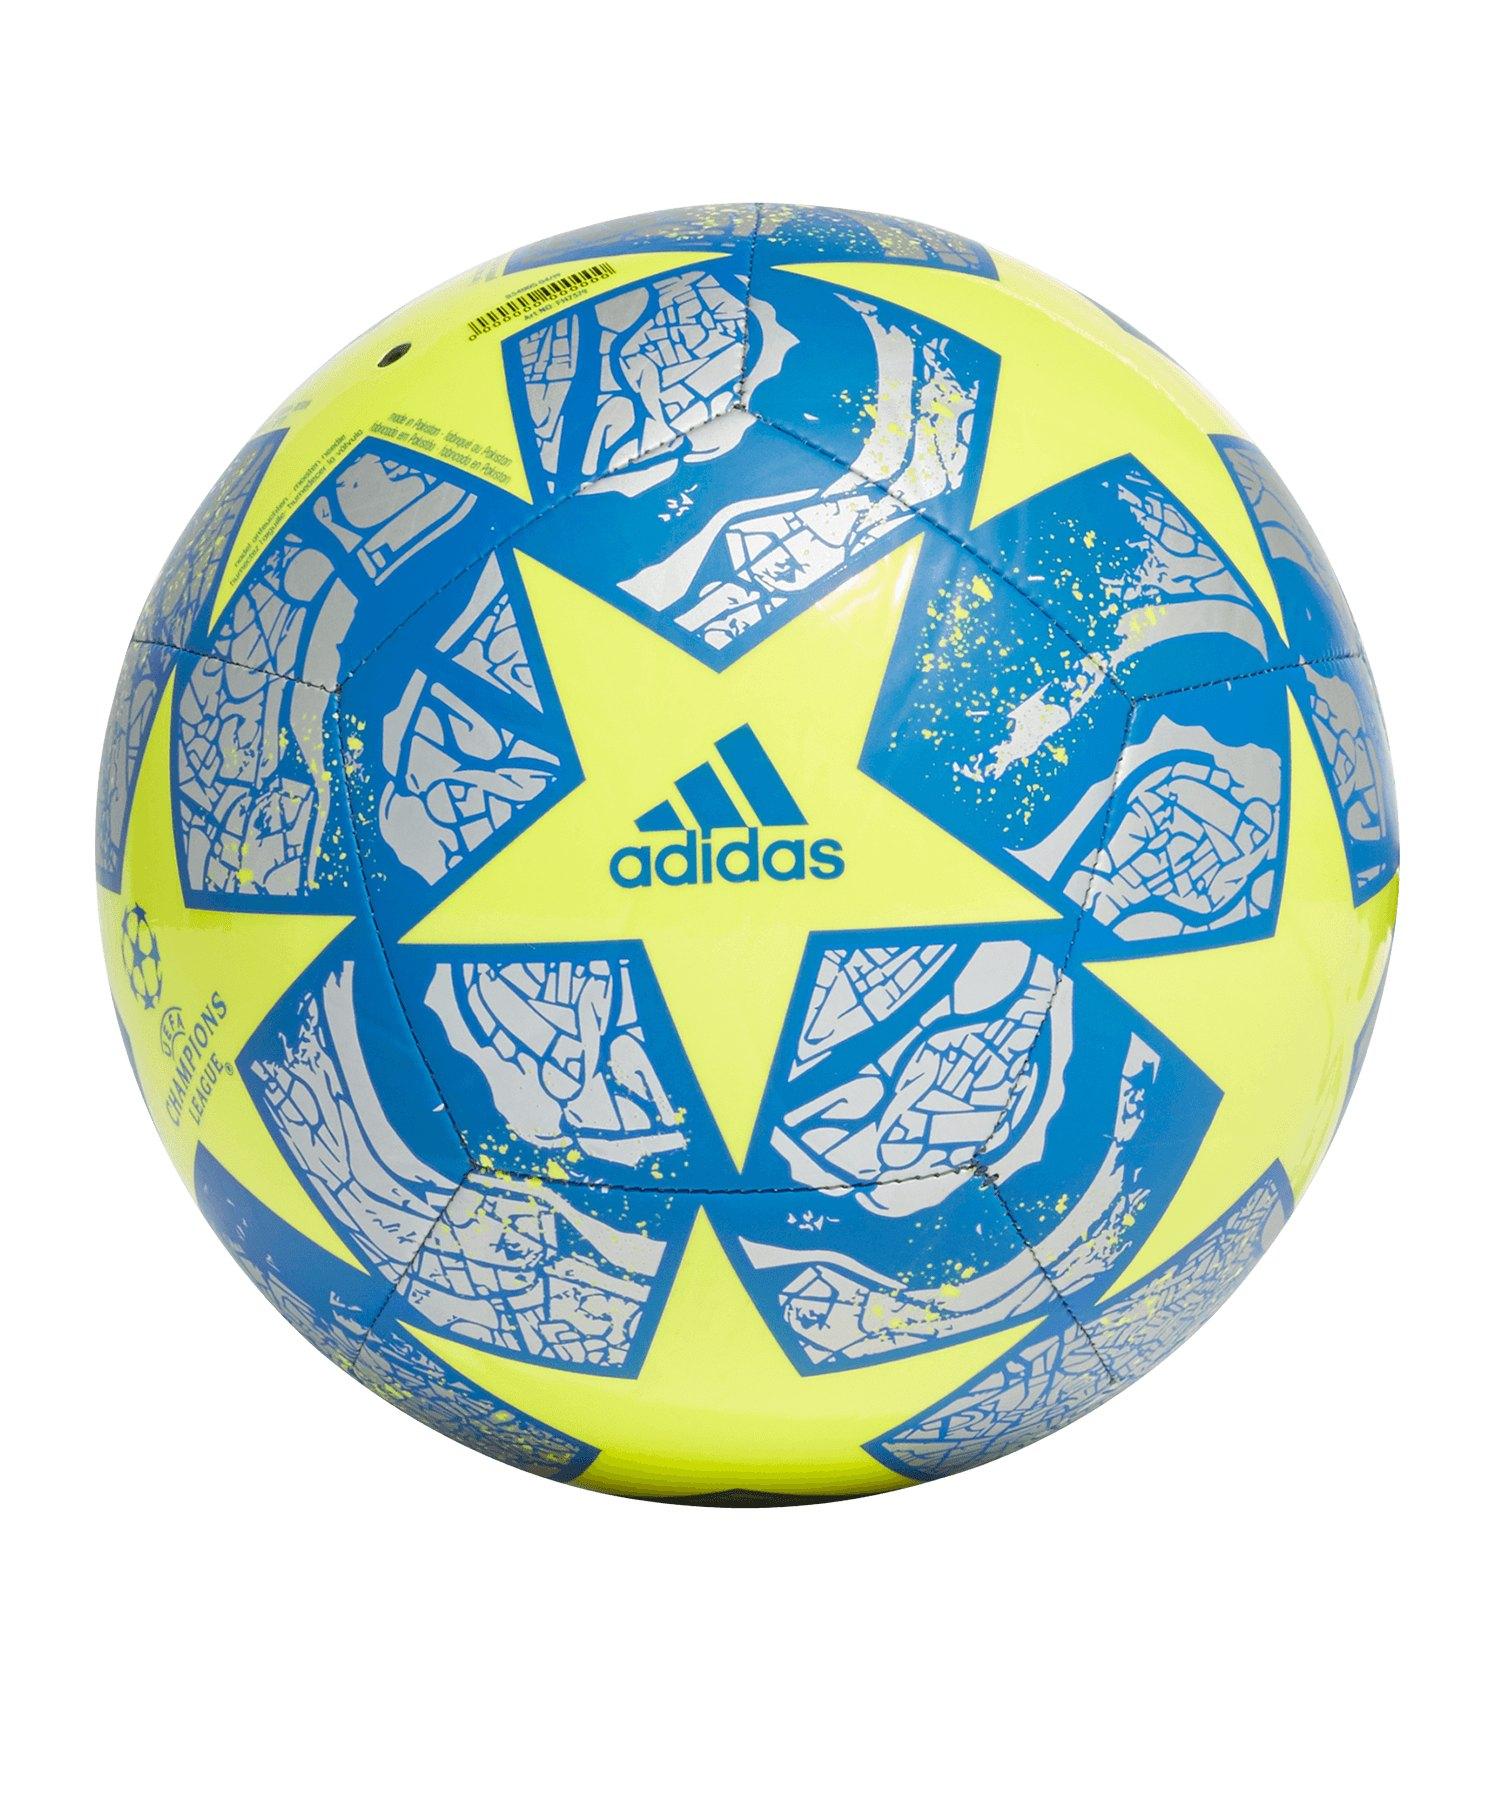 adidas Finale Istanbul CL Trainingsball Gelb Blau - weiss